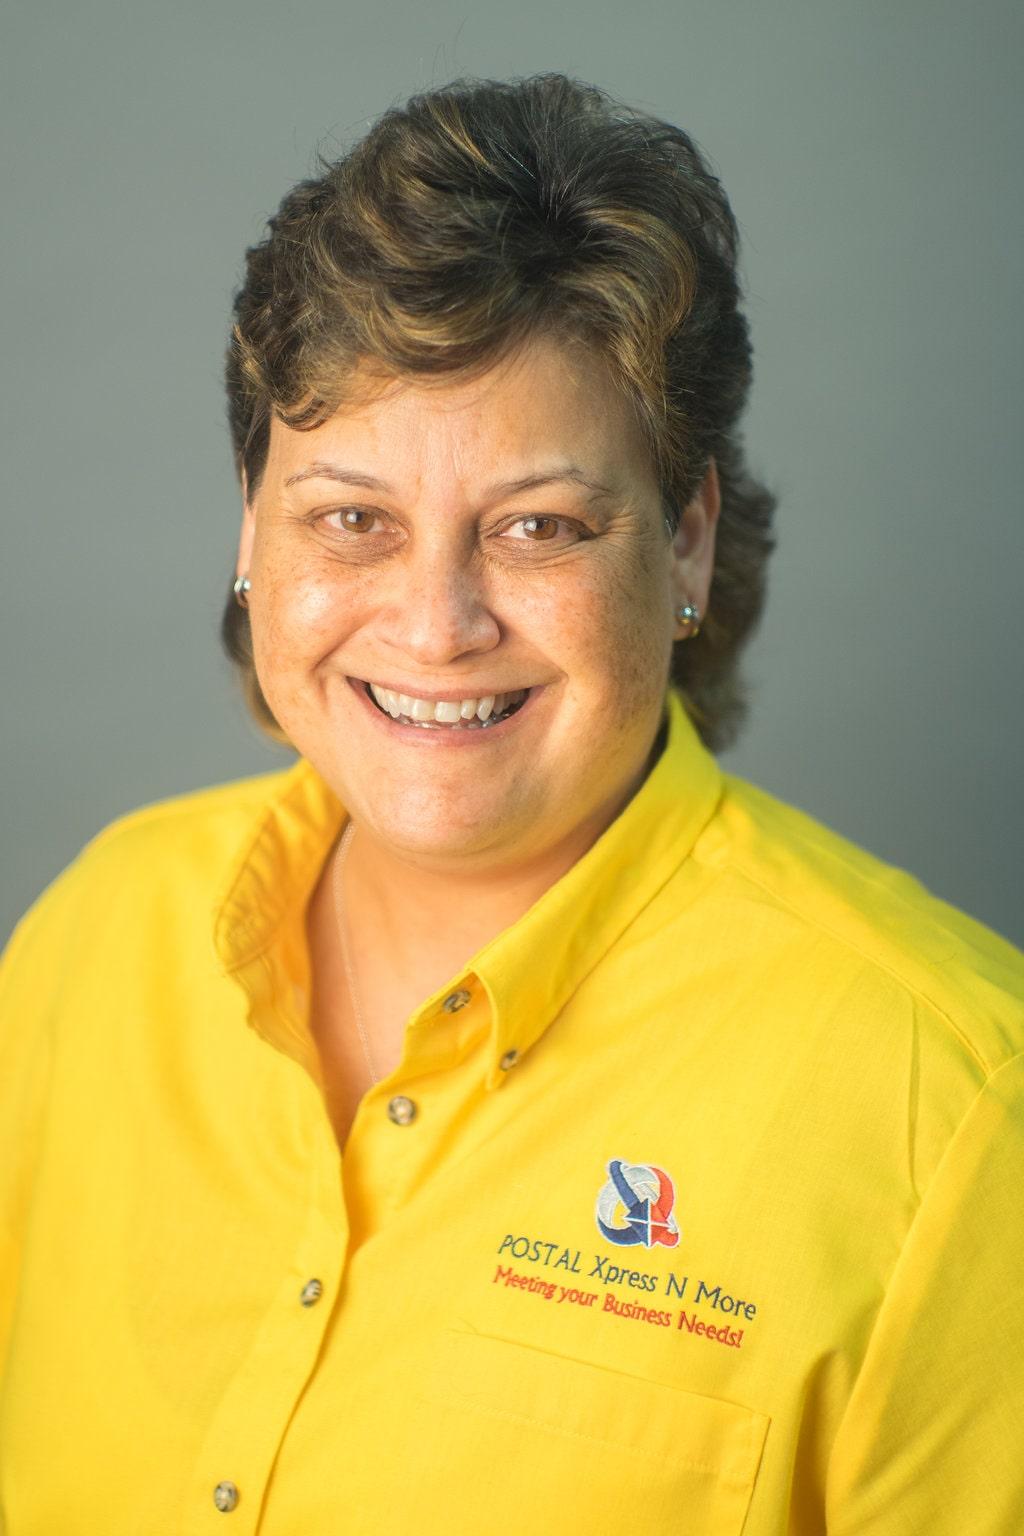 Donna Maertens - Postal Xpress Owner